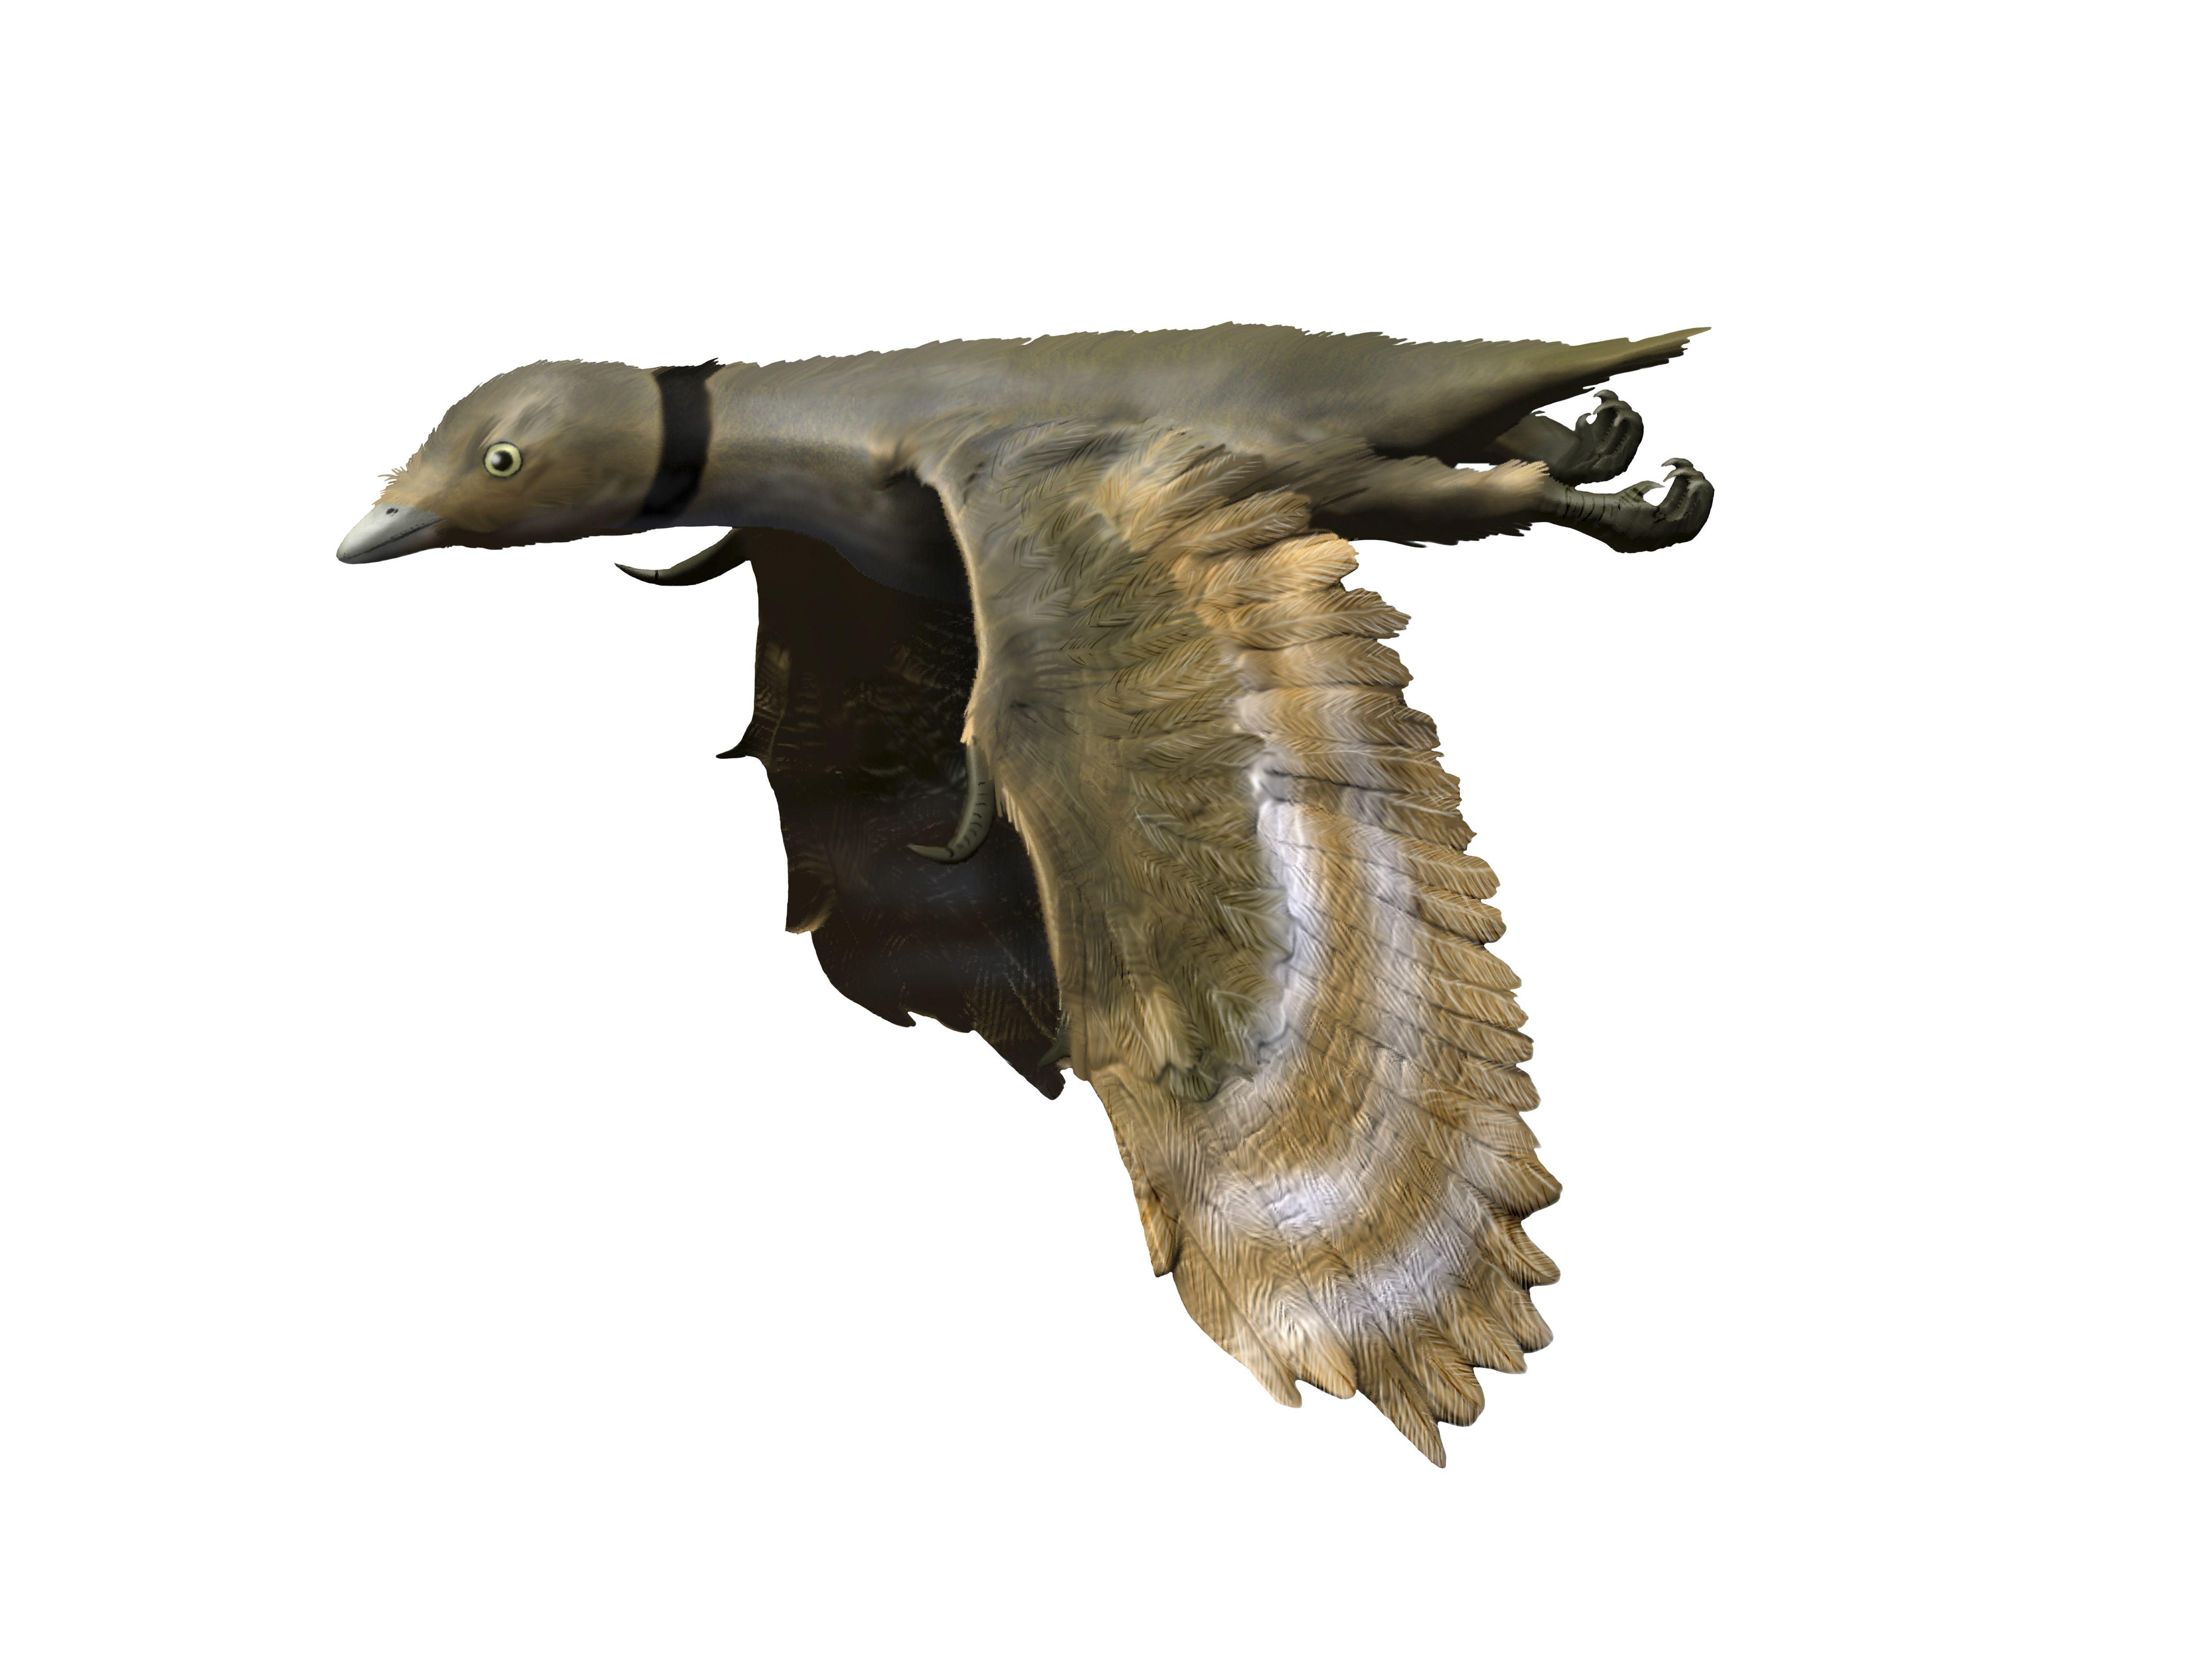 Iberomesornis romerali, Early Cretaceous of Spain.